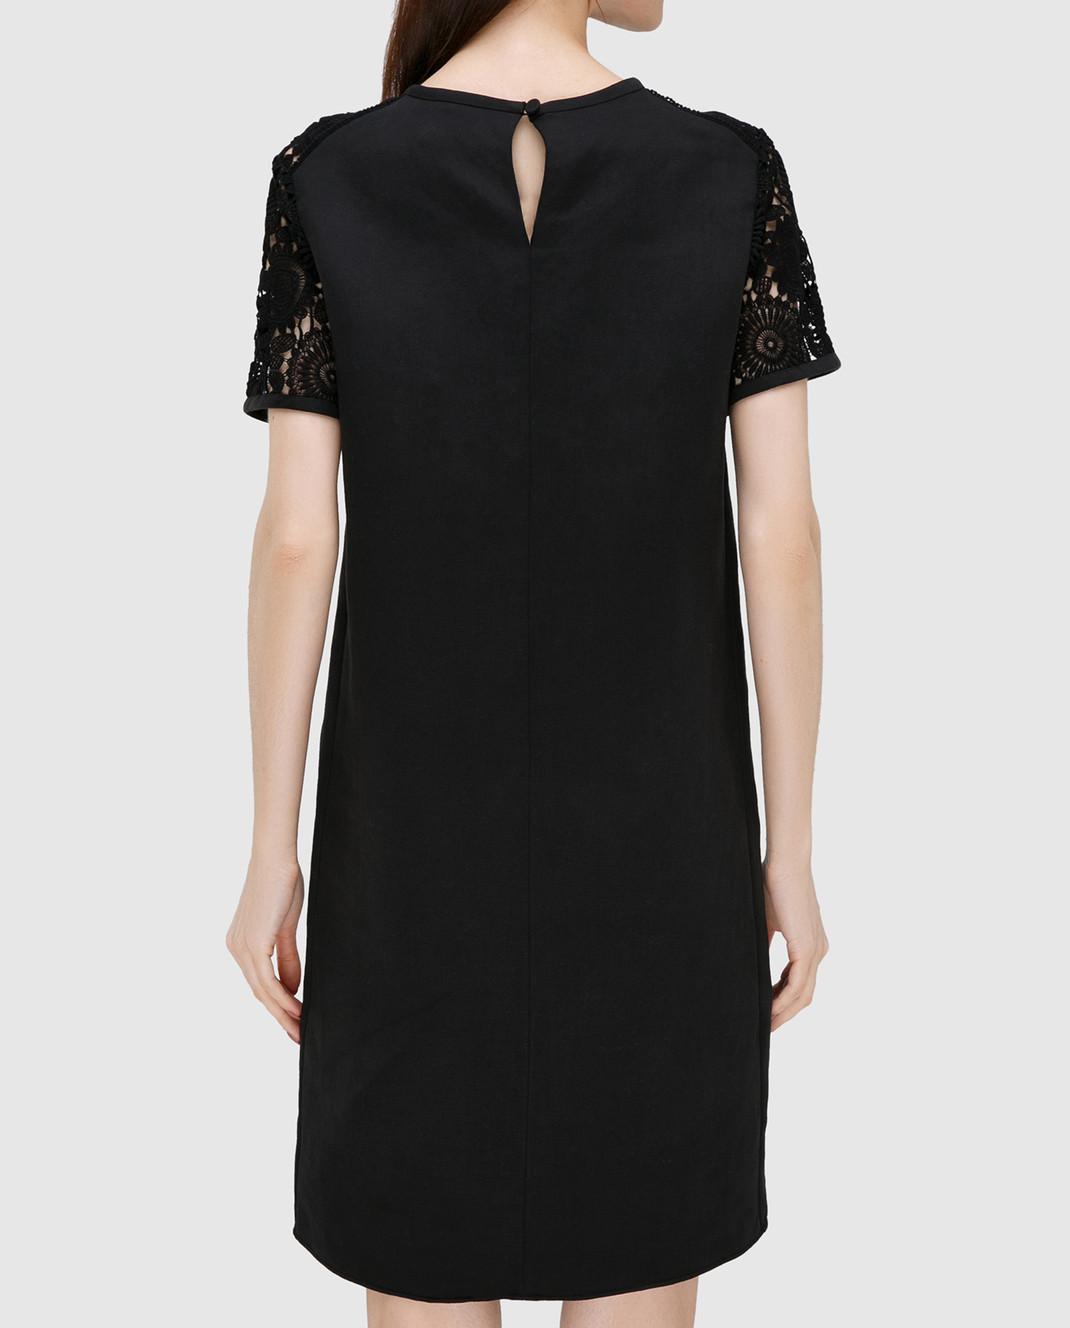 Chloe Черное платье из кружева 17SRO60 изображение 3